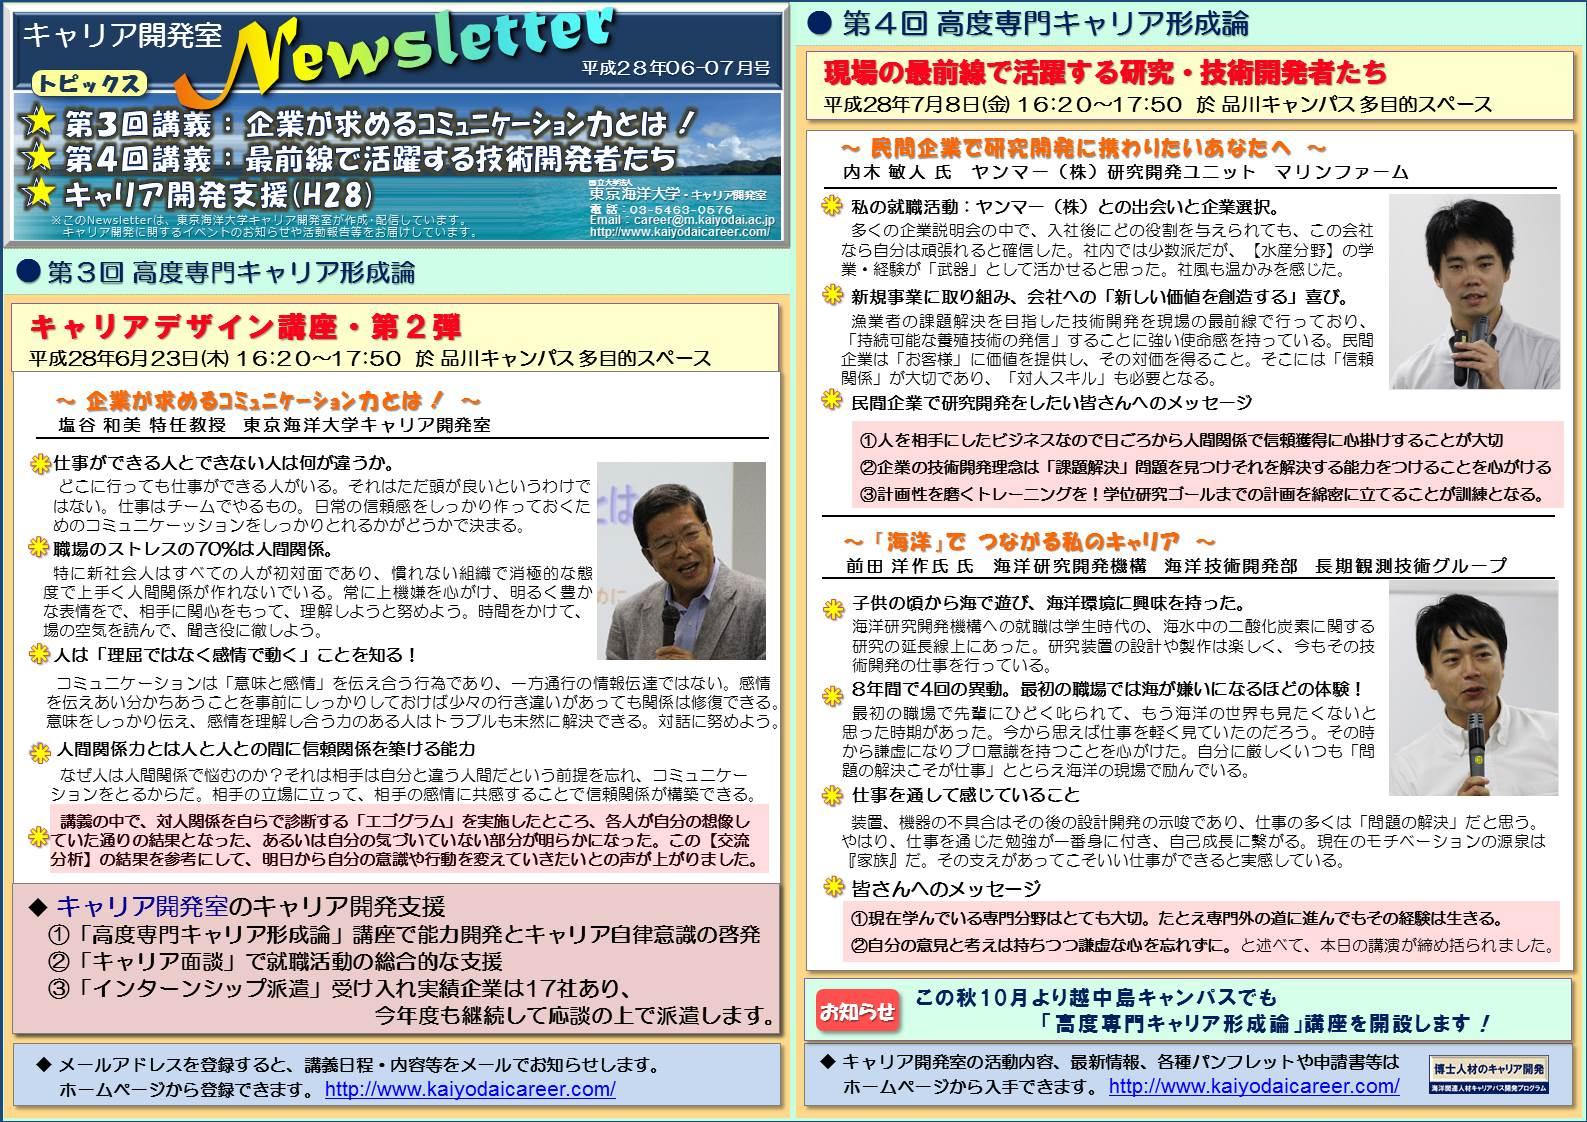 http://www.kaiyodaicareer.com/img/160623-0708.jpg